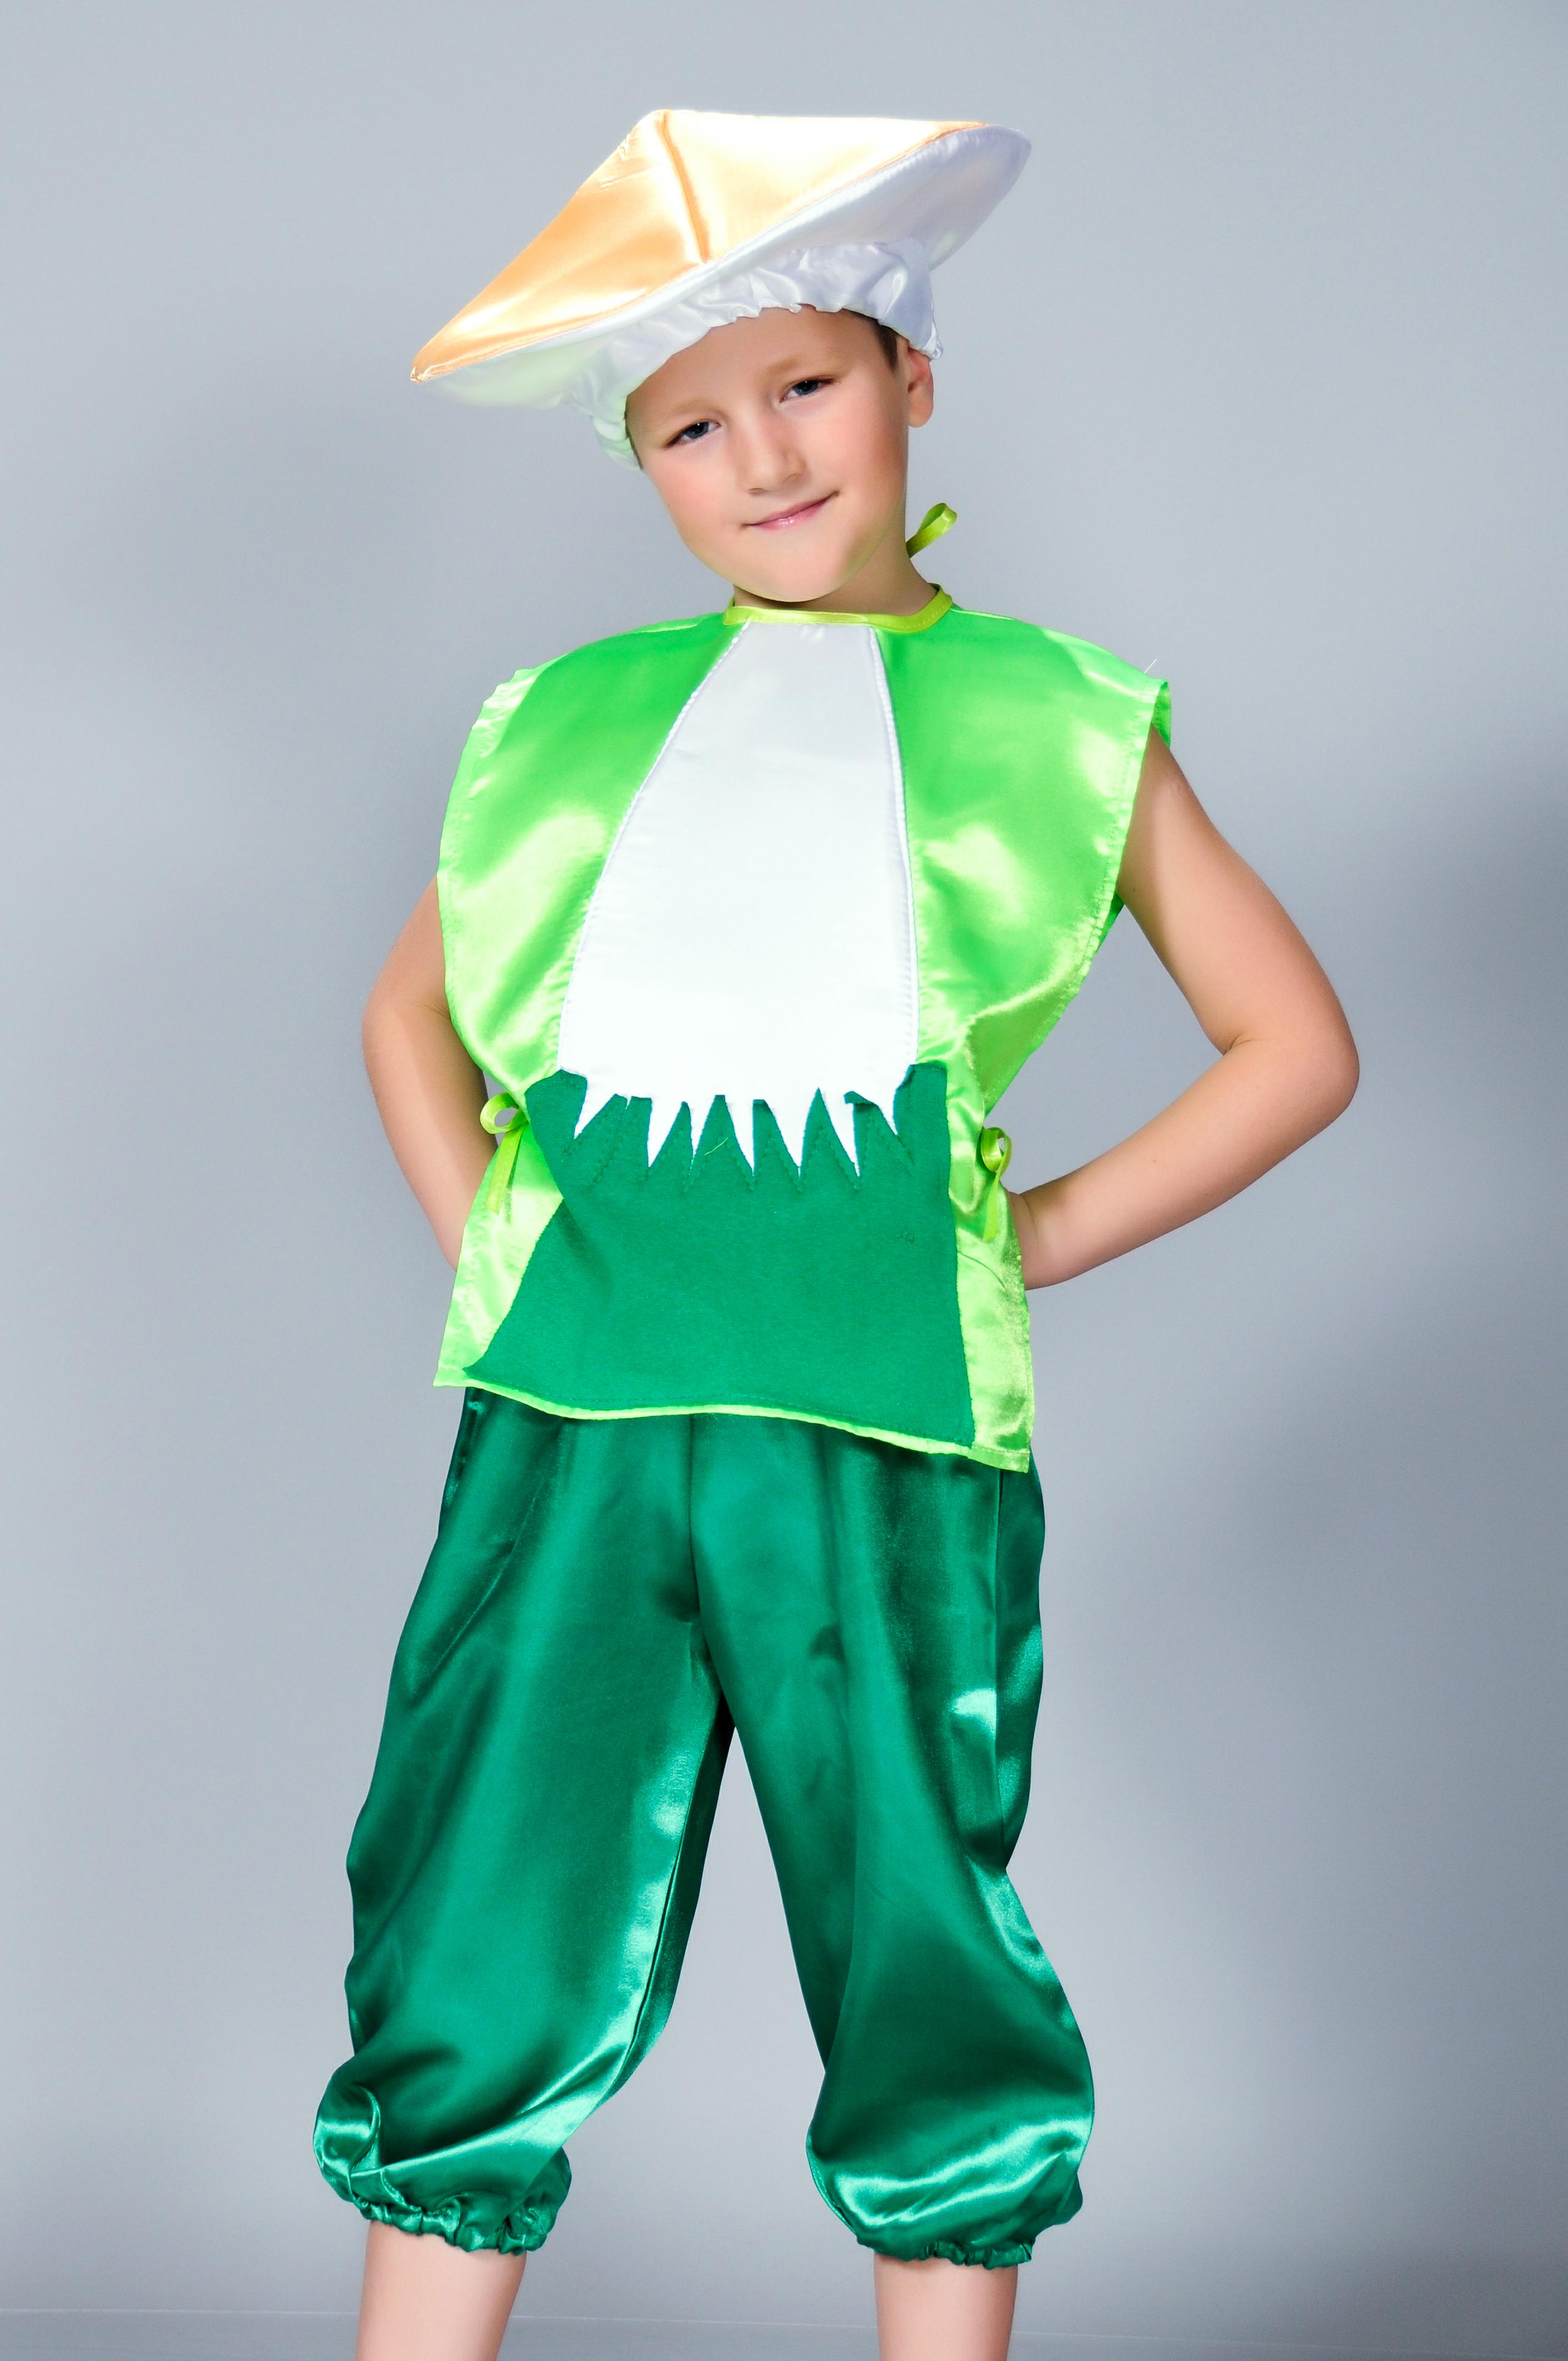 Детские Карнавальные костюмы для детей Гриб, цена 190 грн ... - photo#41